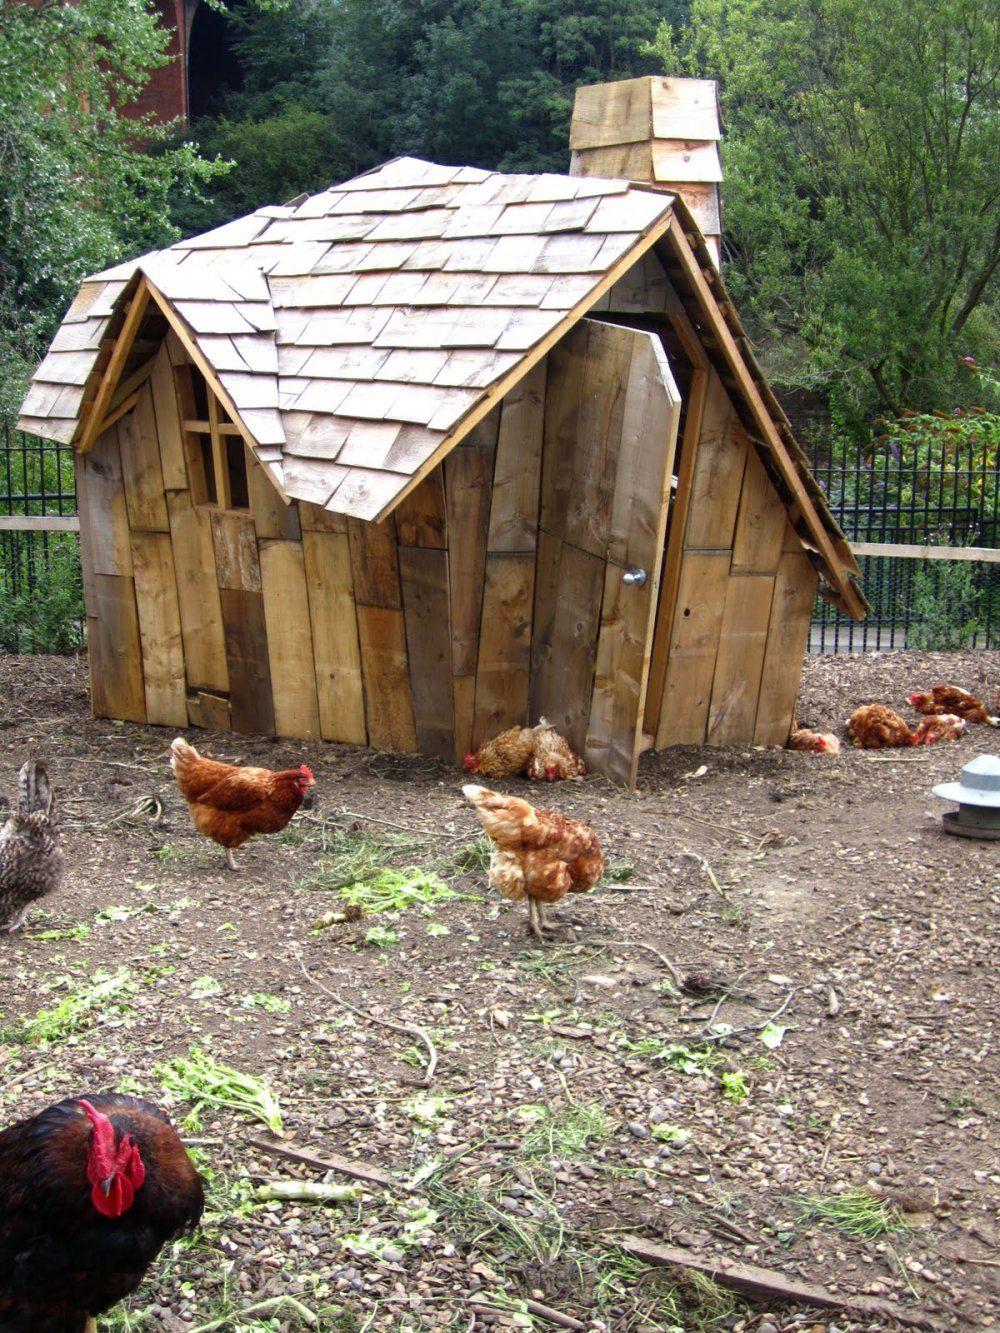 chickencoopsruns bird hutches chicken shop us outdoor hutch coop with heimtierbedarf natura run